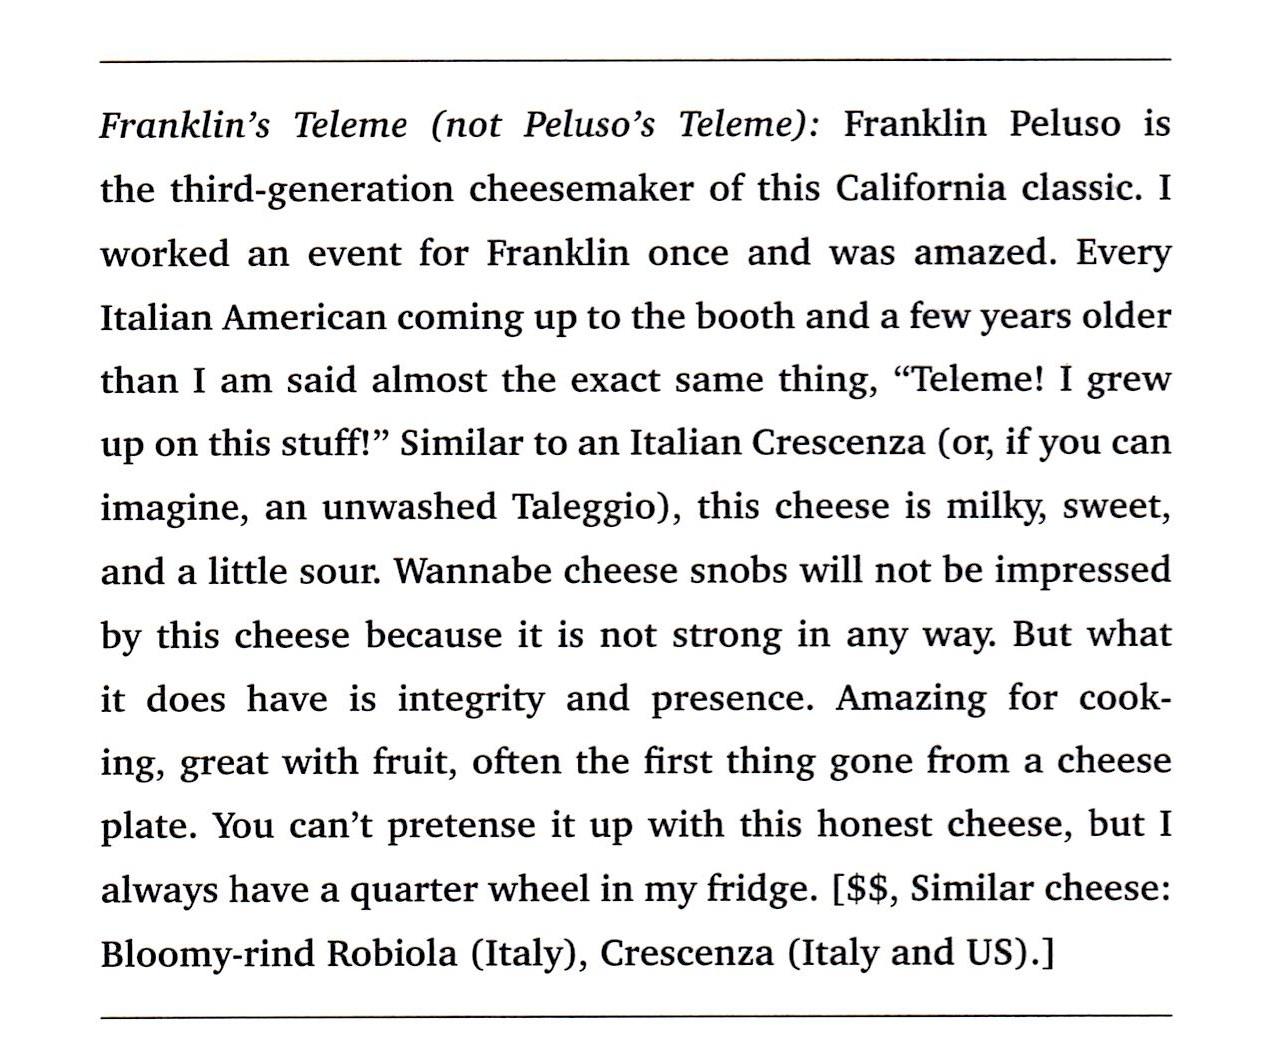 Cheesemonger p158